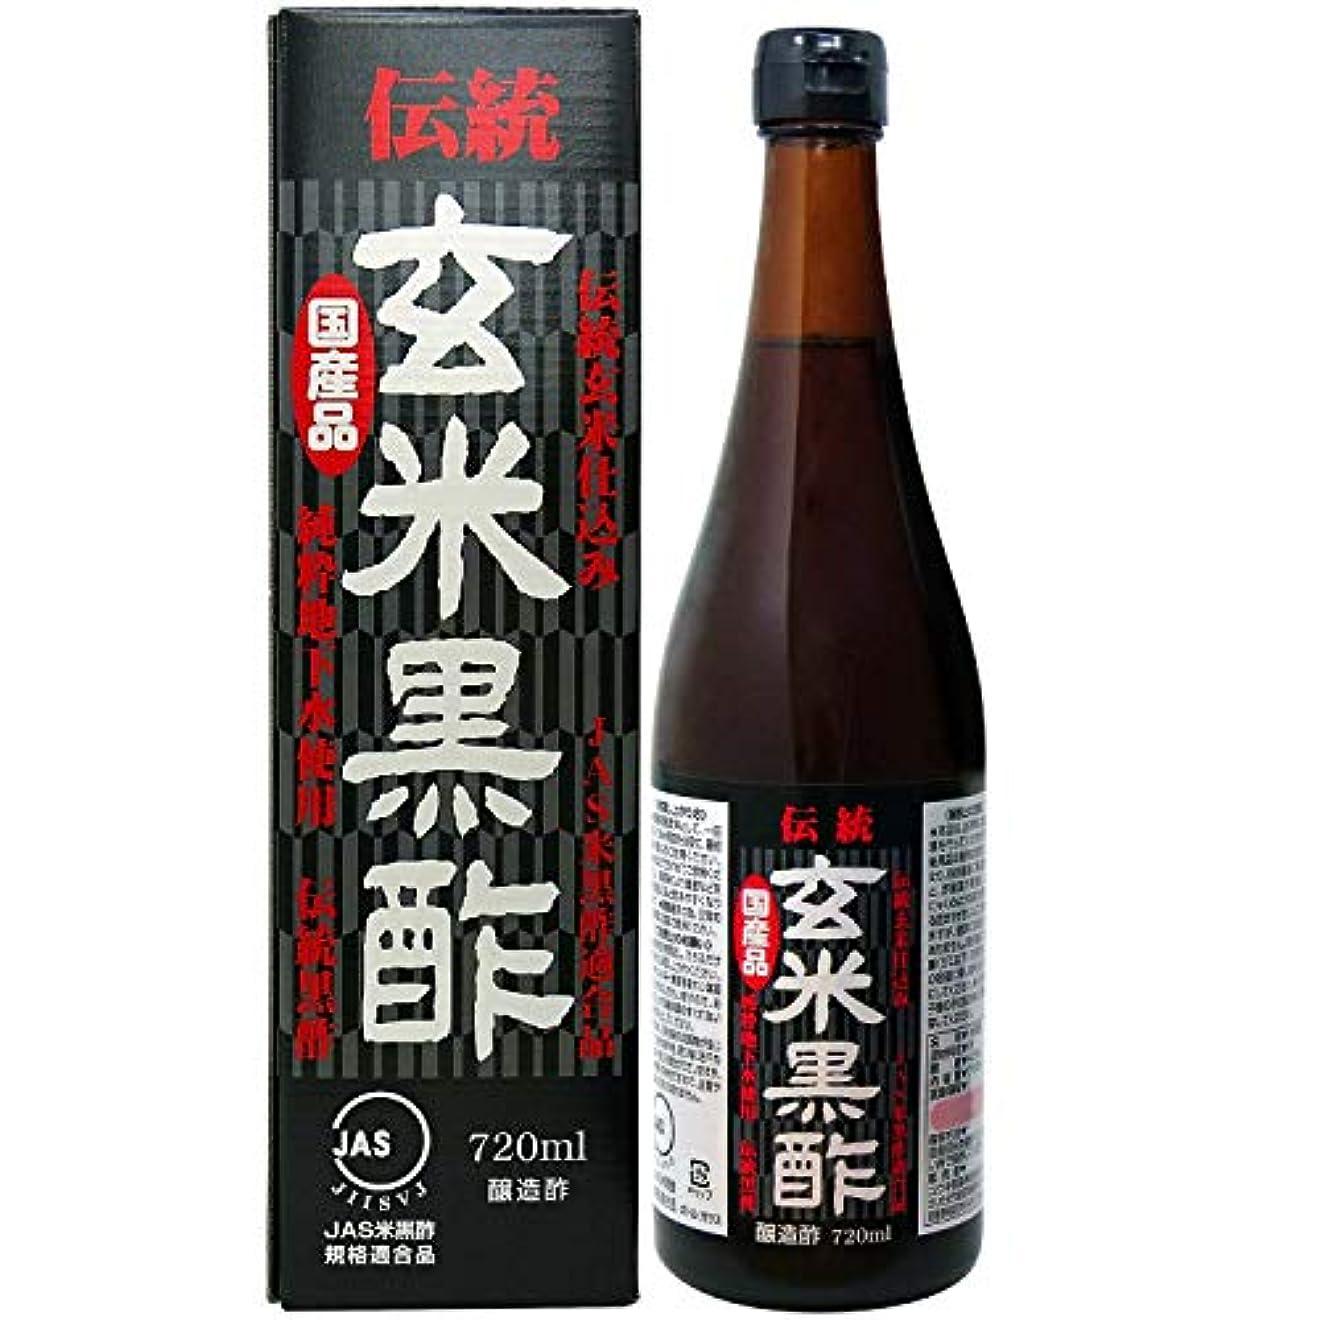 ランダム暴力的な株式会社ユウキ製薬 新伝統玄米黒酢 24-36日分 720ml